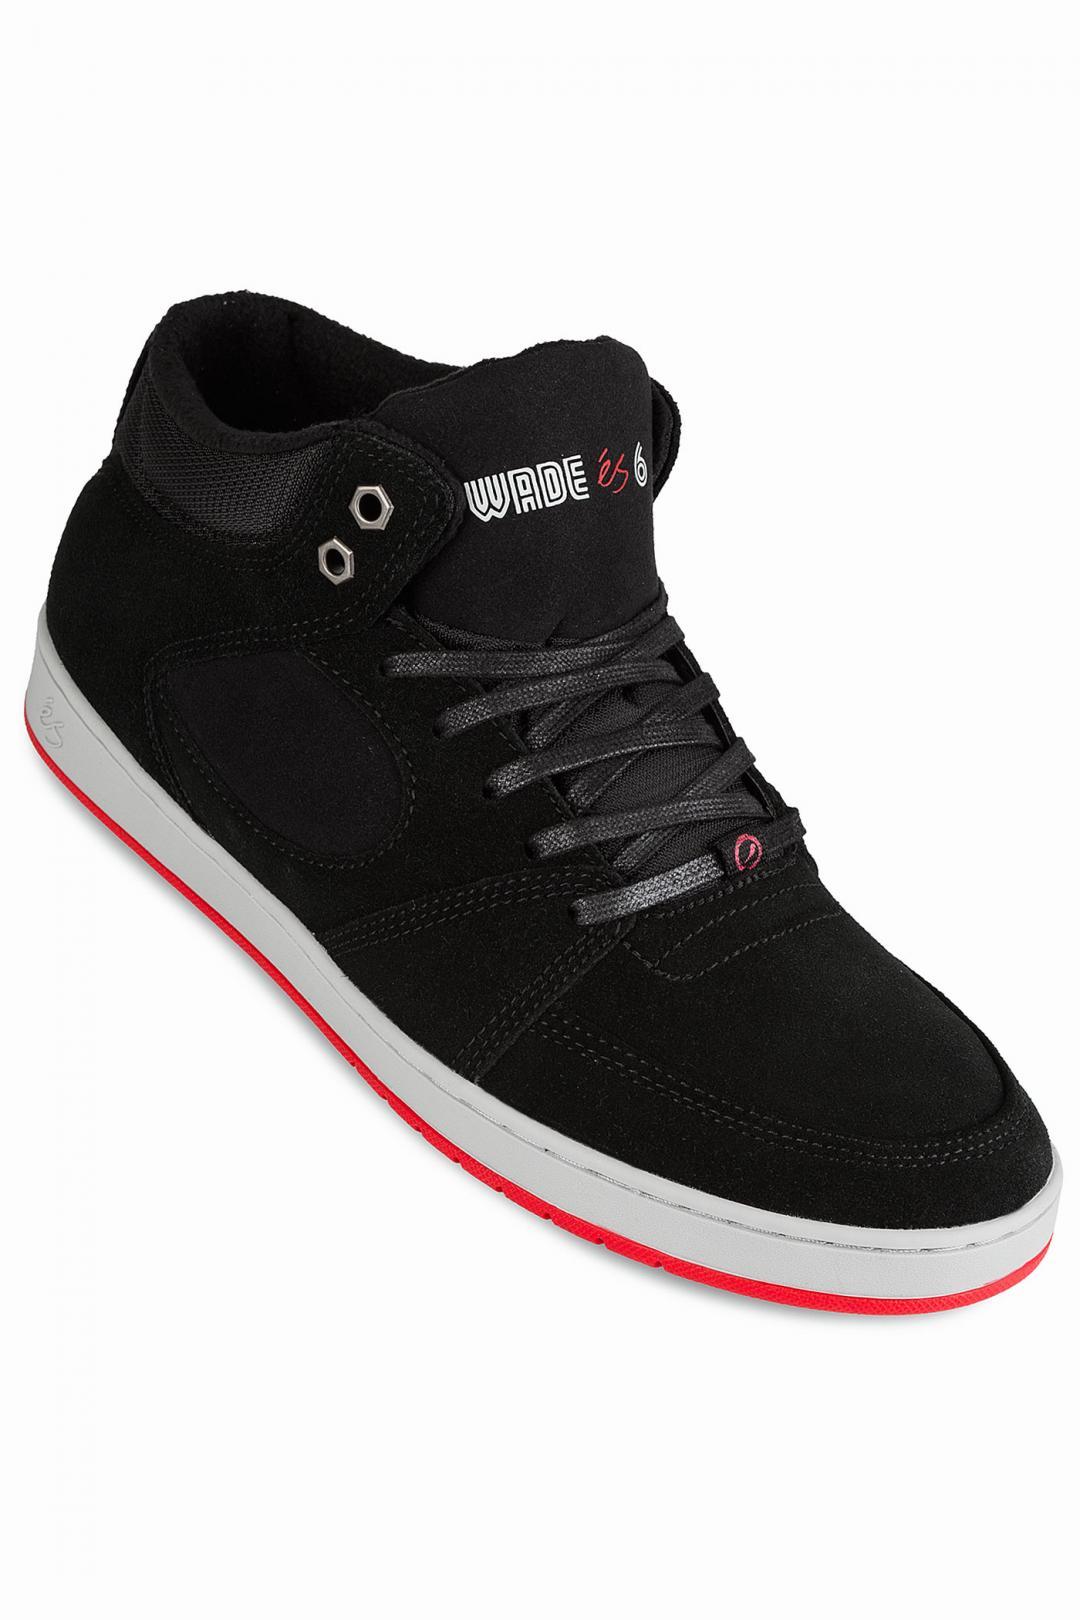 Uomo éS x Wade Desarmo Accel Slim Mid black | Sneakers mid top